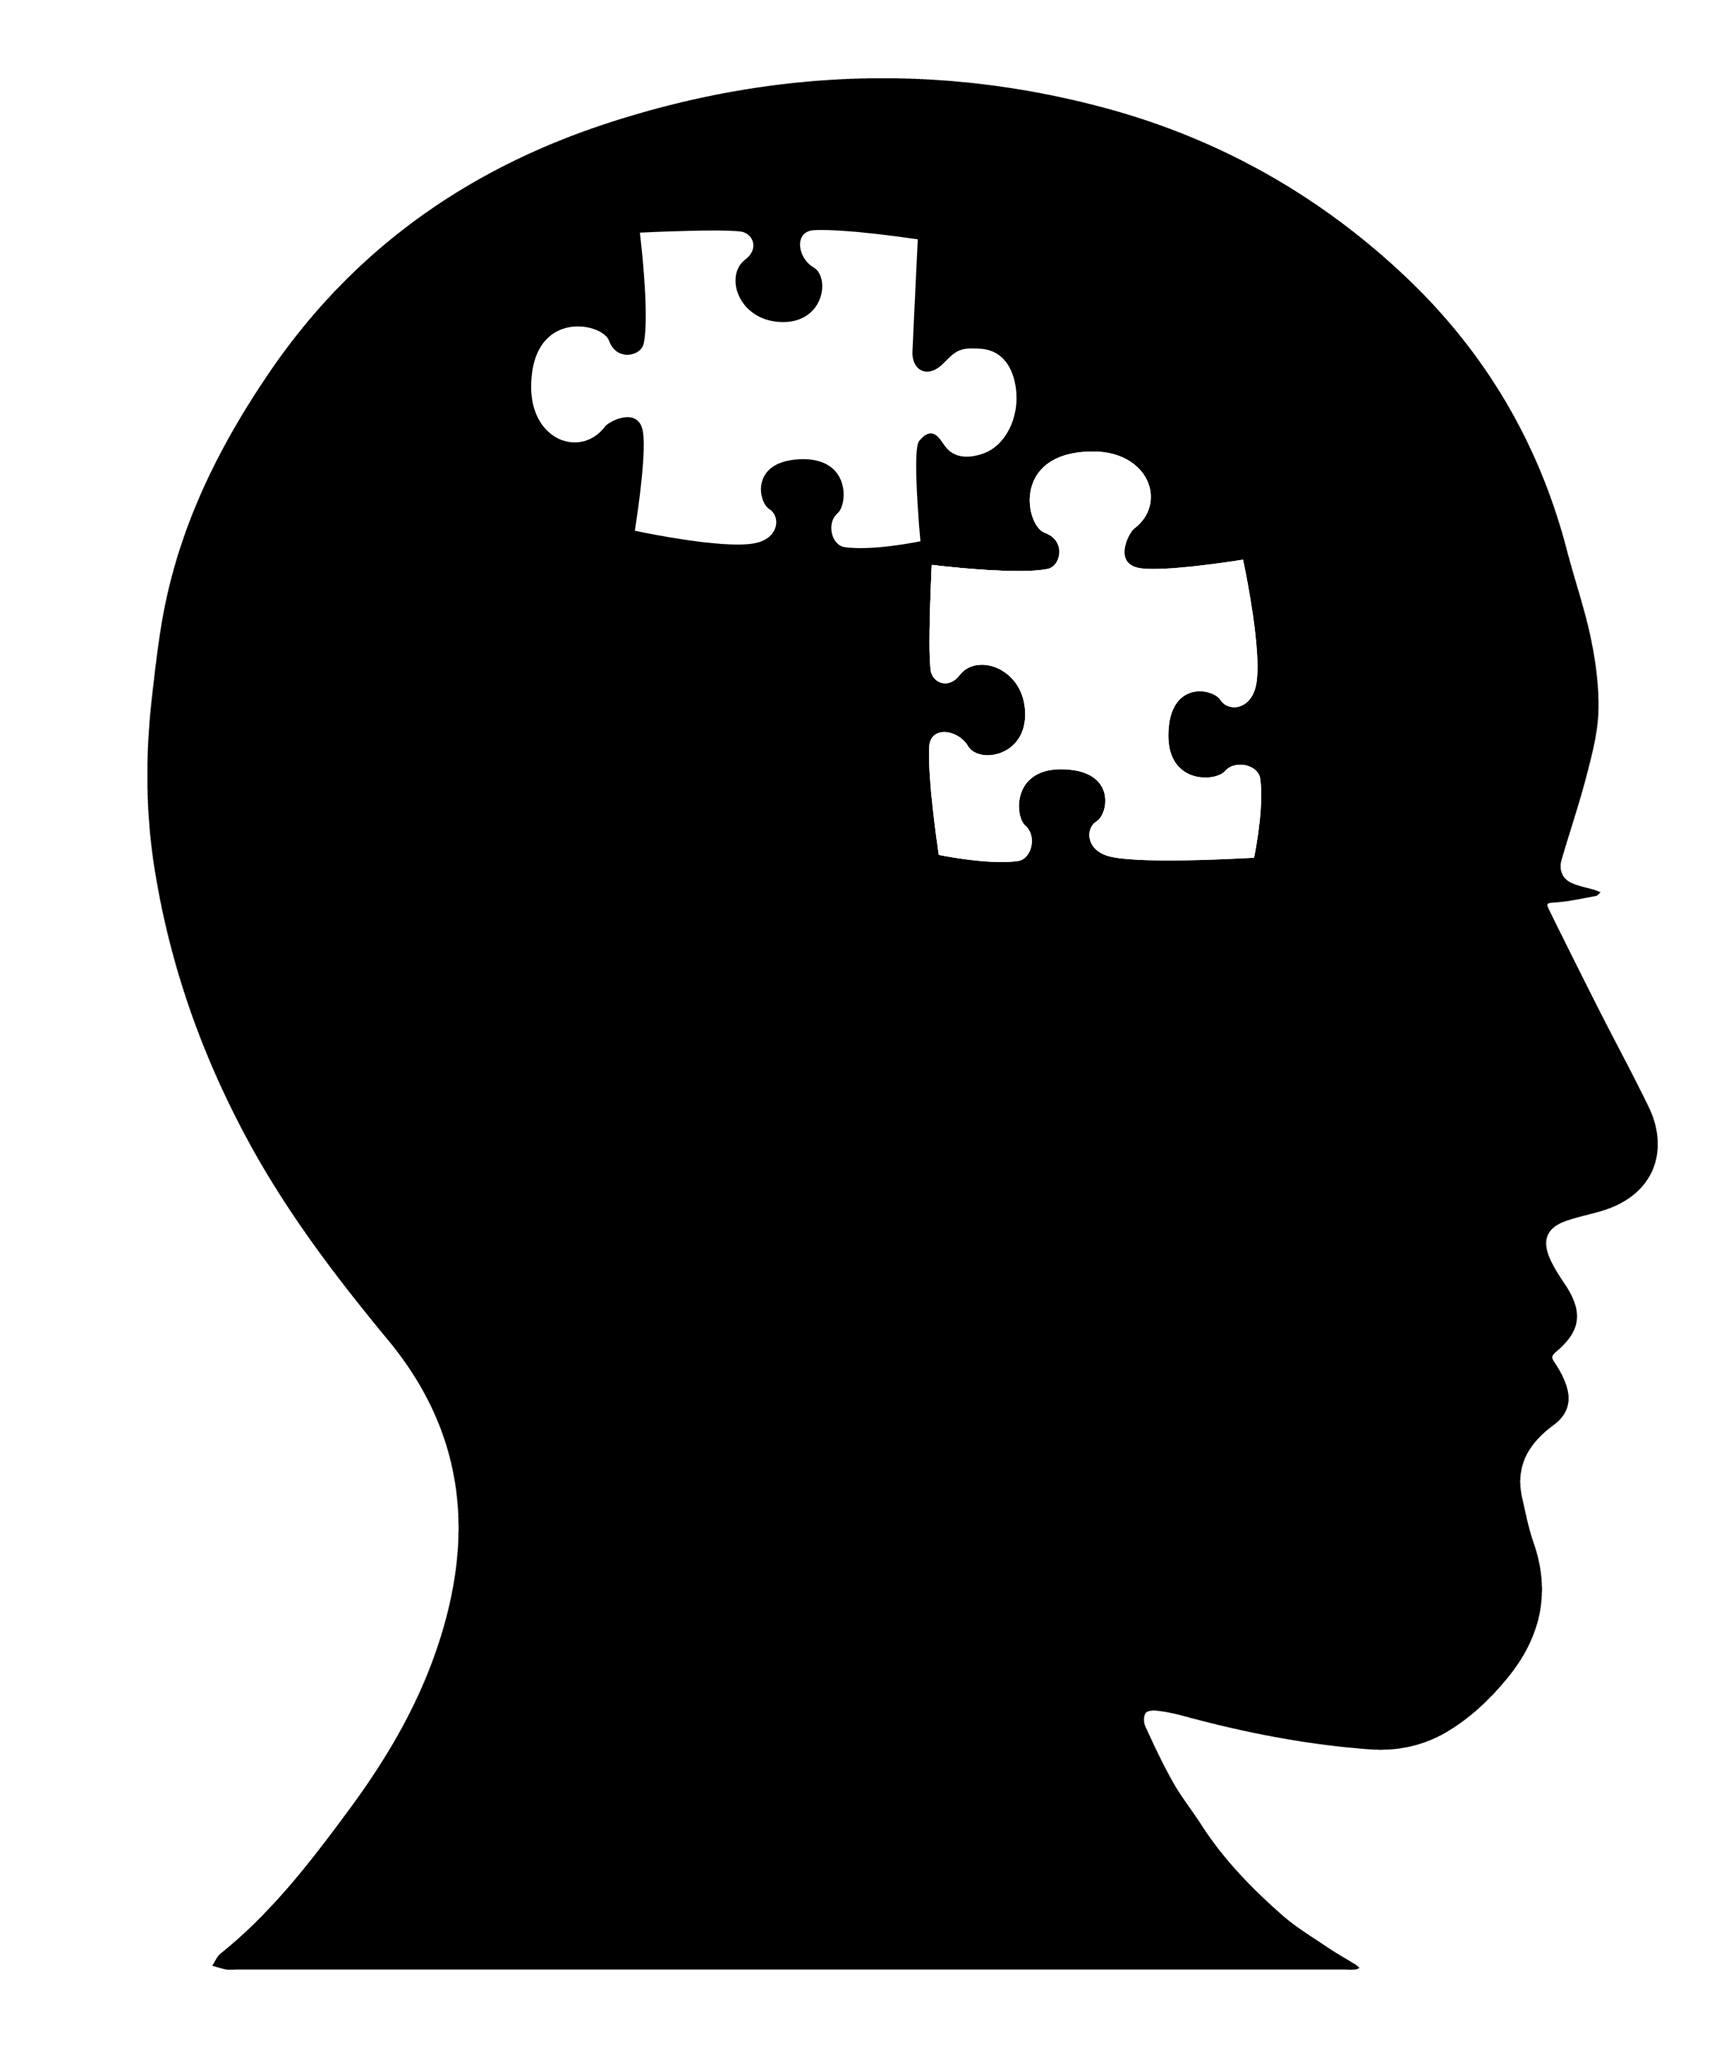 HESA head [image]